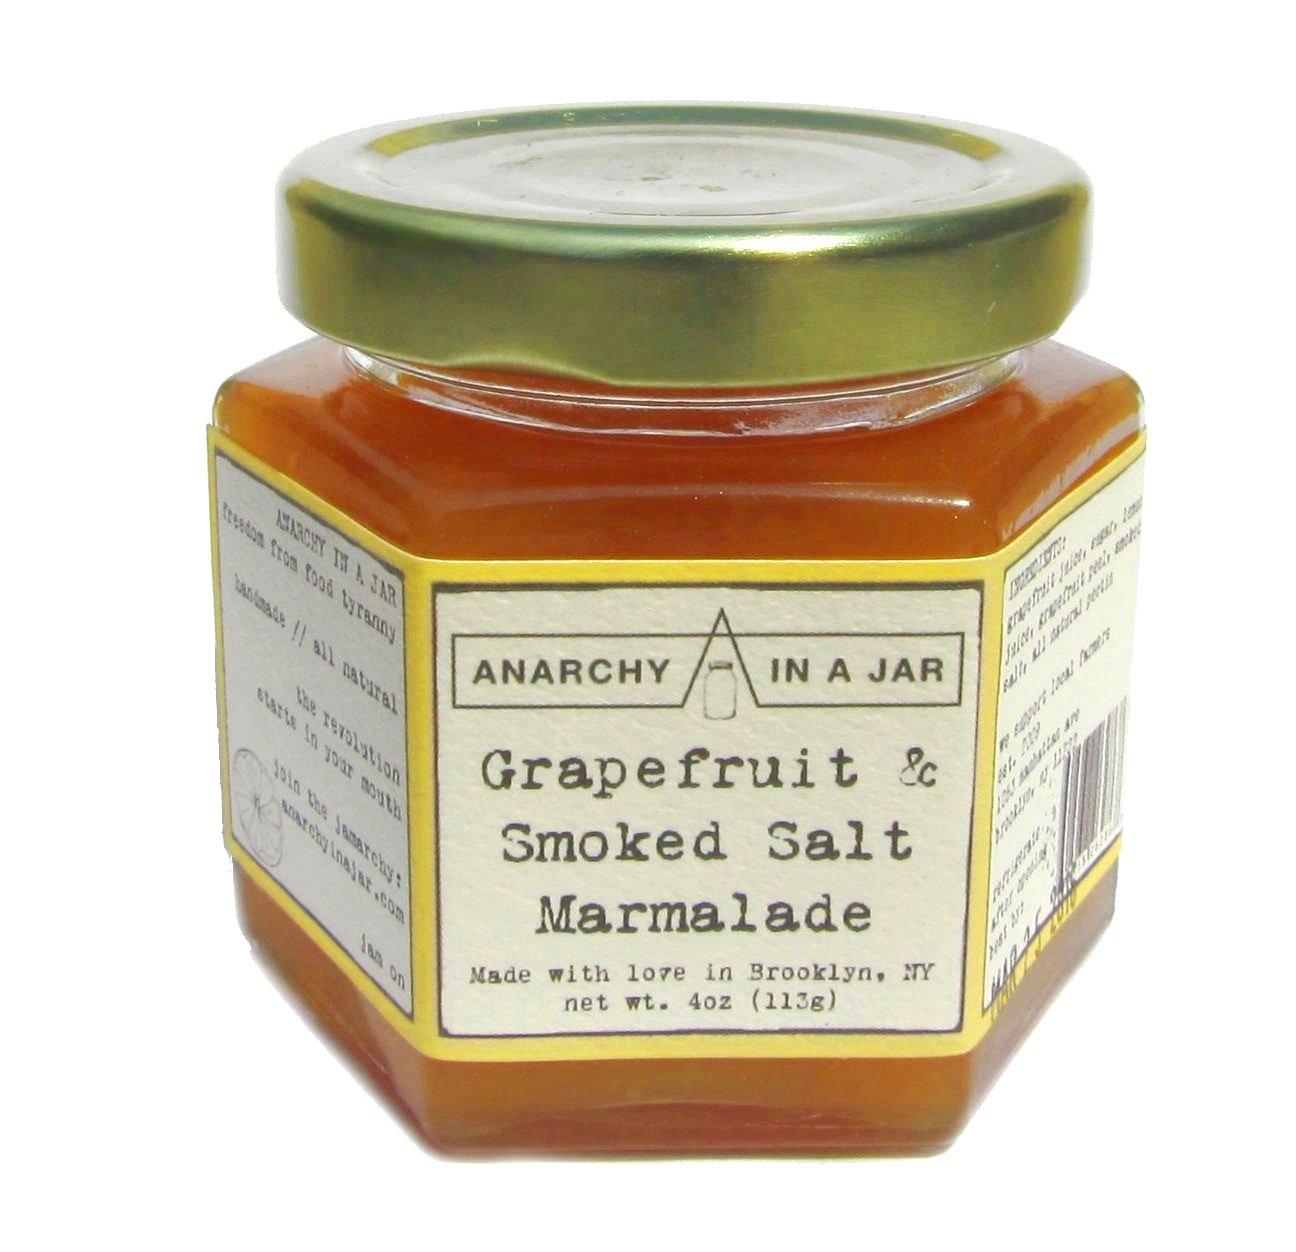 Grapefruit_Salt_Marmalade_061314_no shadow.jpg